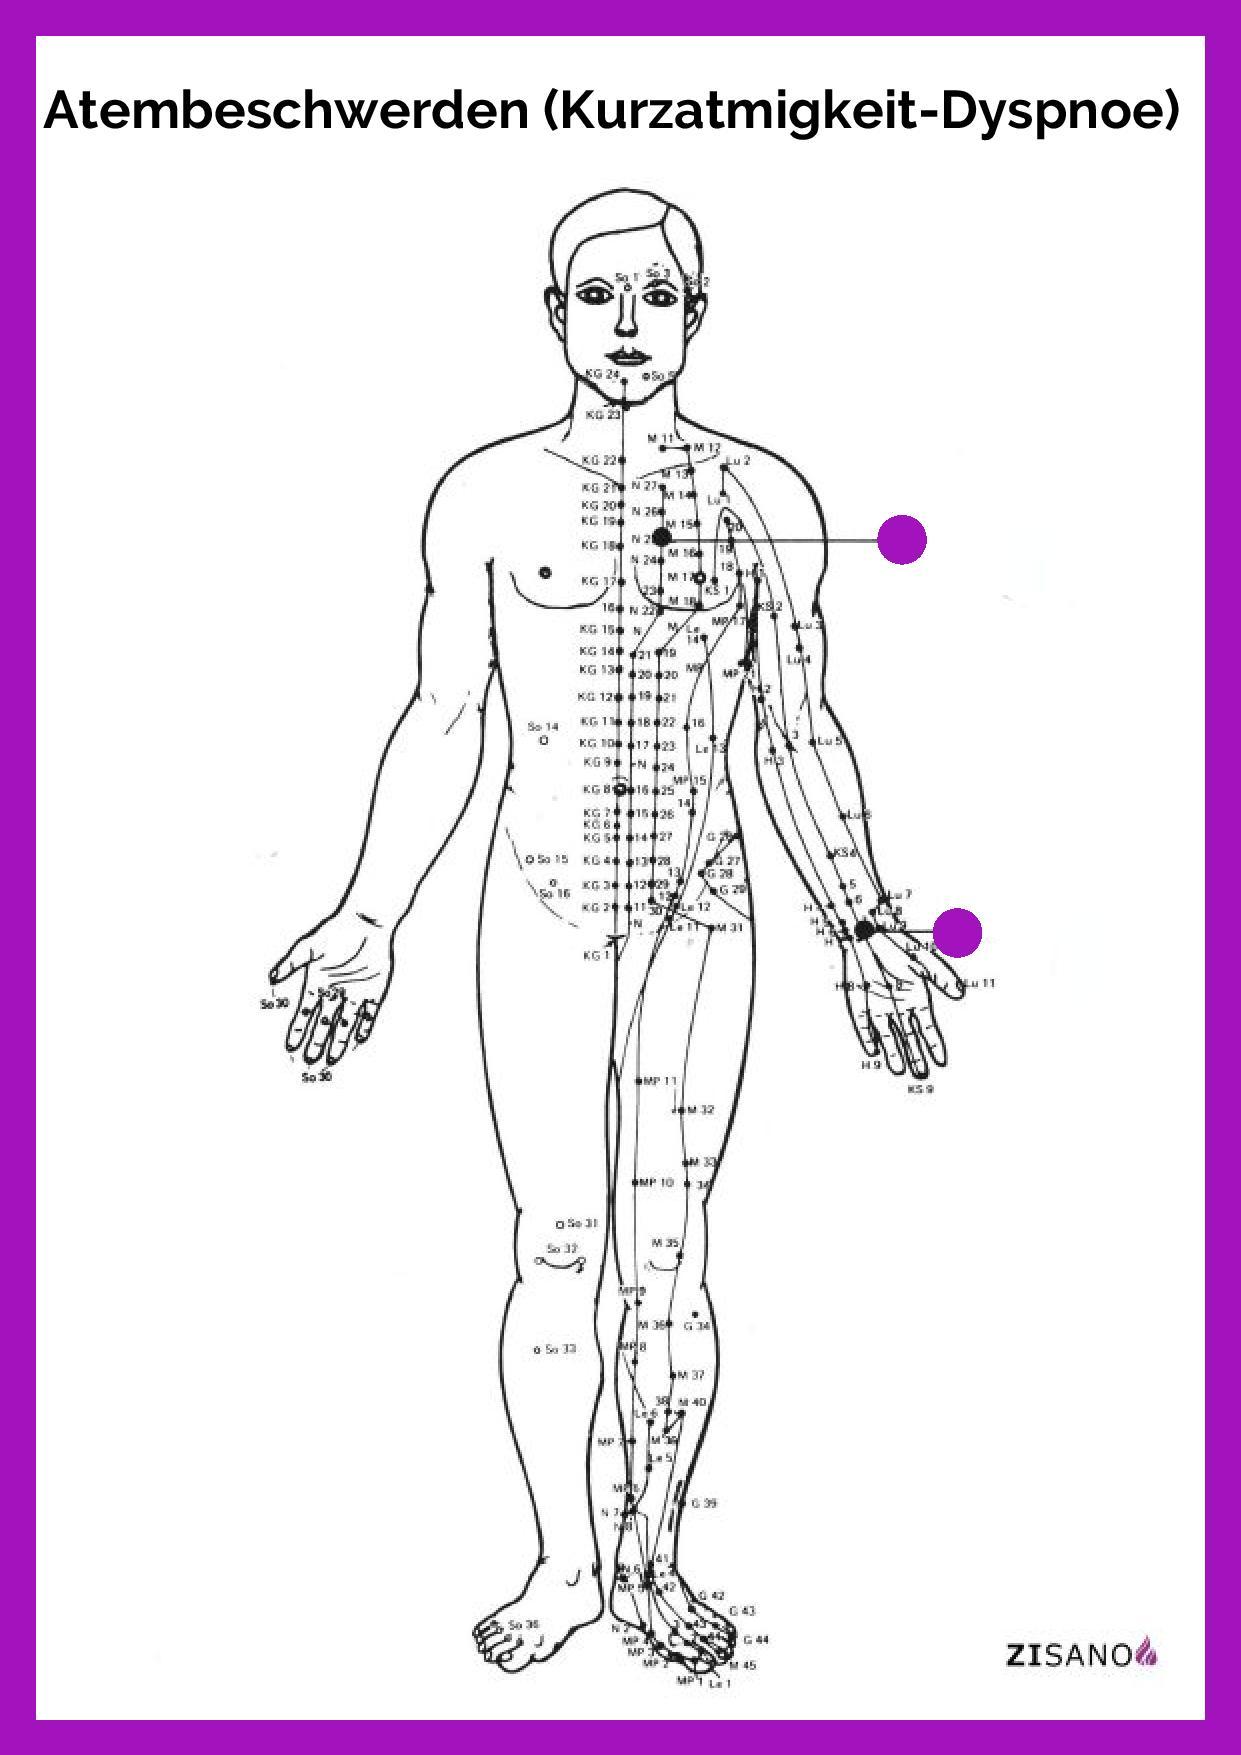 Meridiane - Atembeschwerden - Behandlung